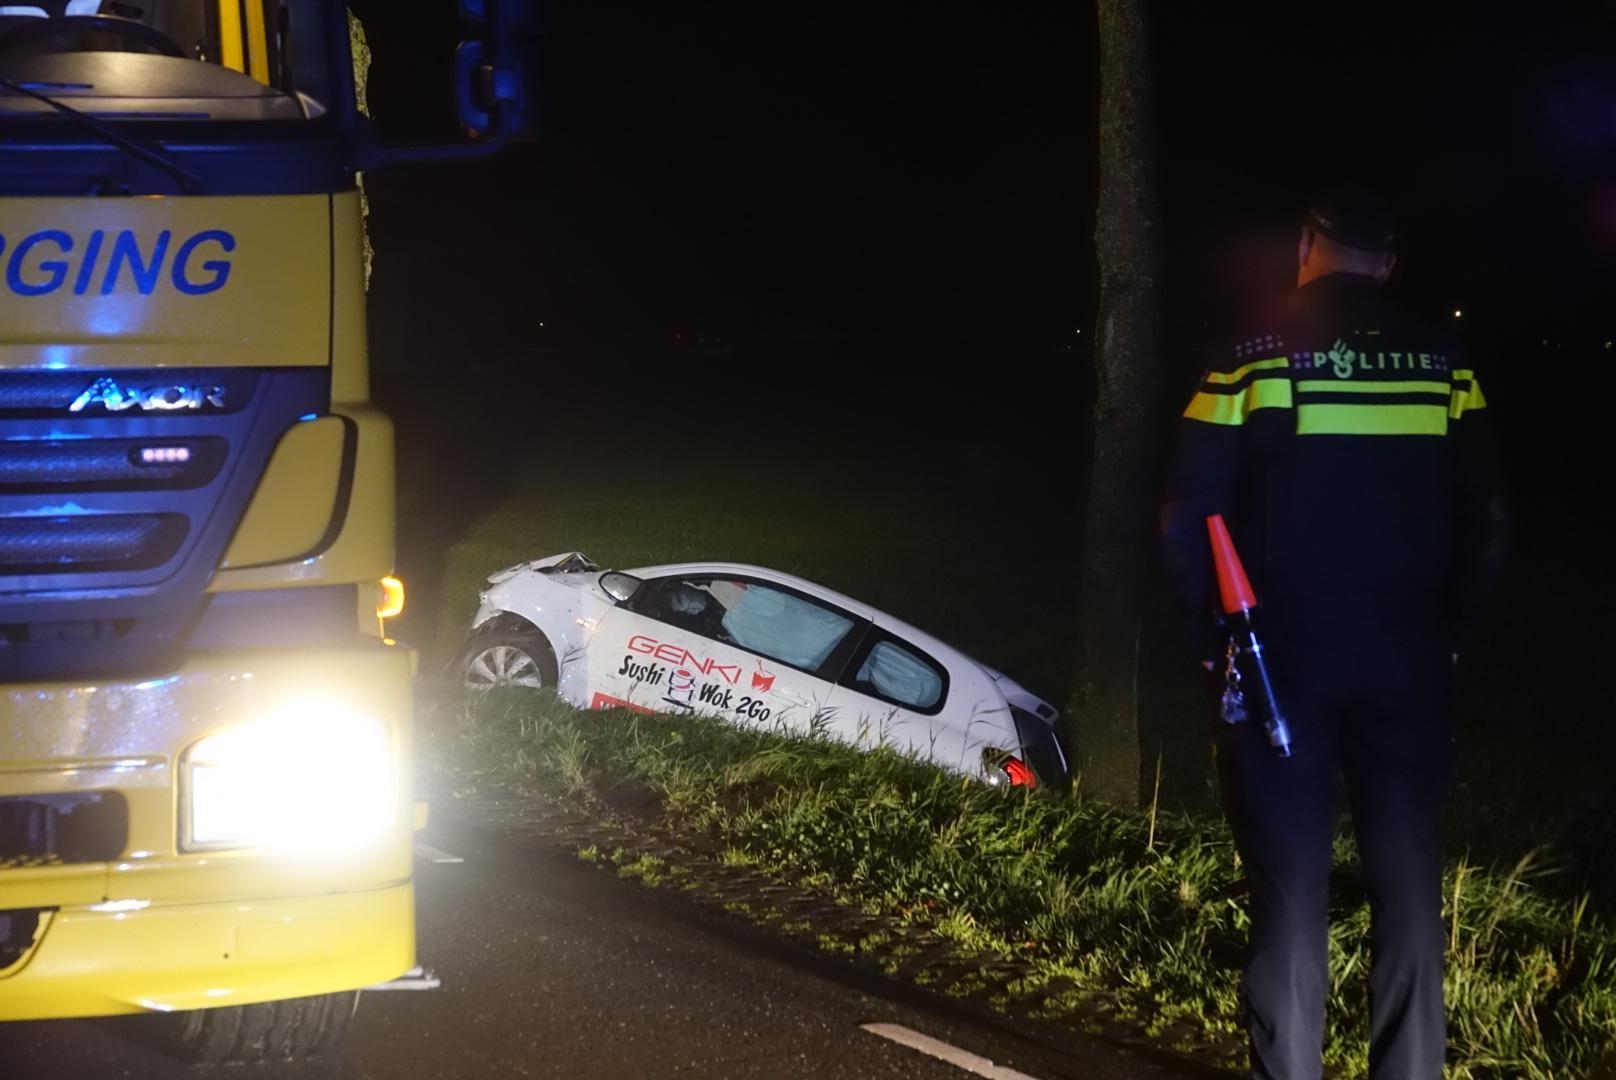 Auto van sushirestaurant raakt van weg in Waarland, bestuurder naar het ziekenhuis - Noordhollands Dagblad